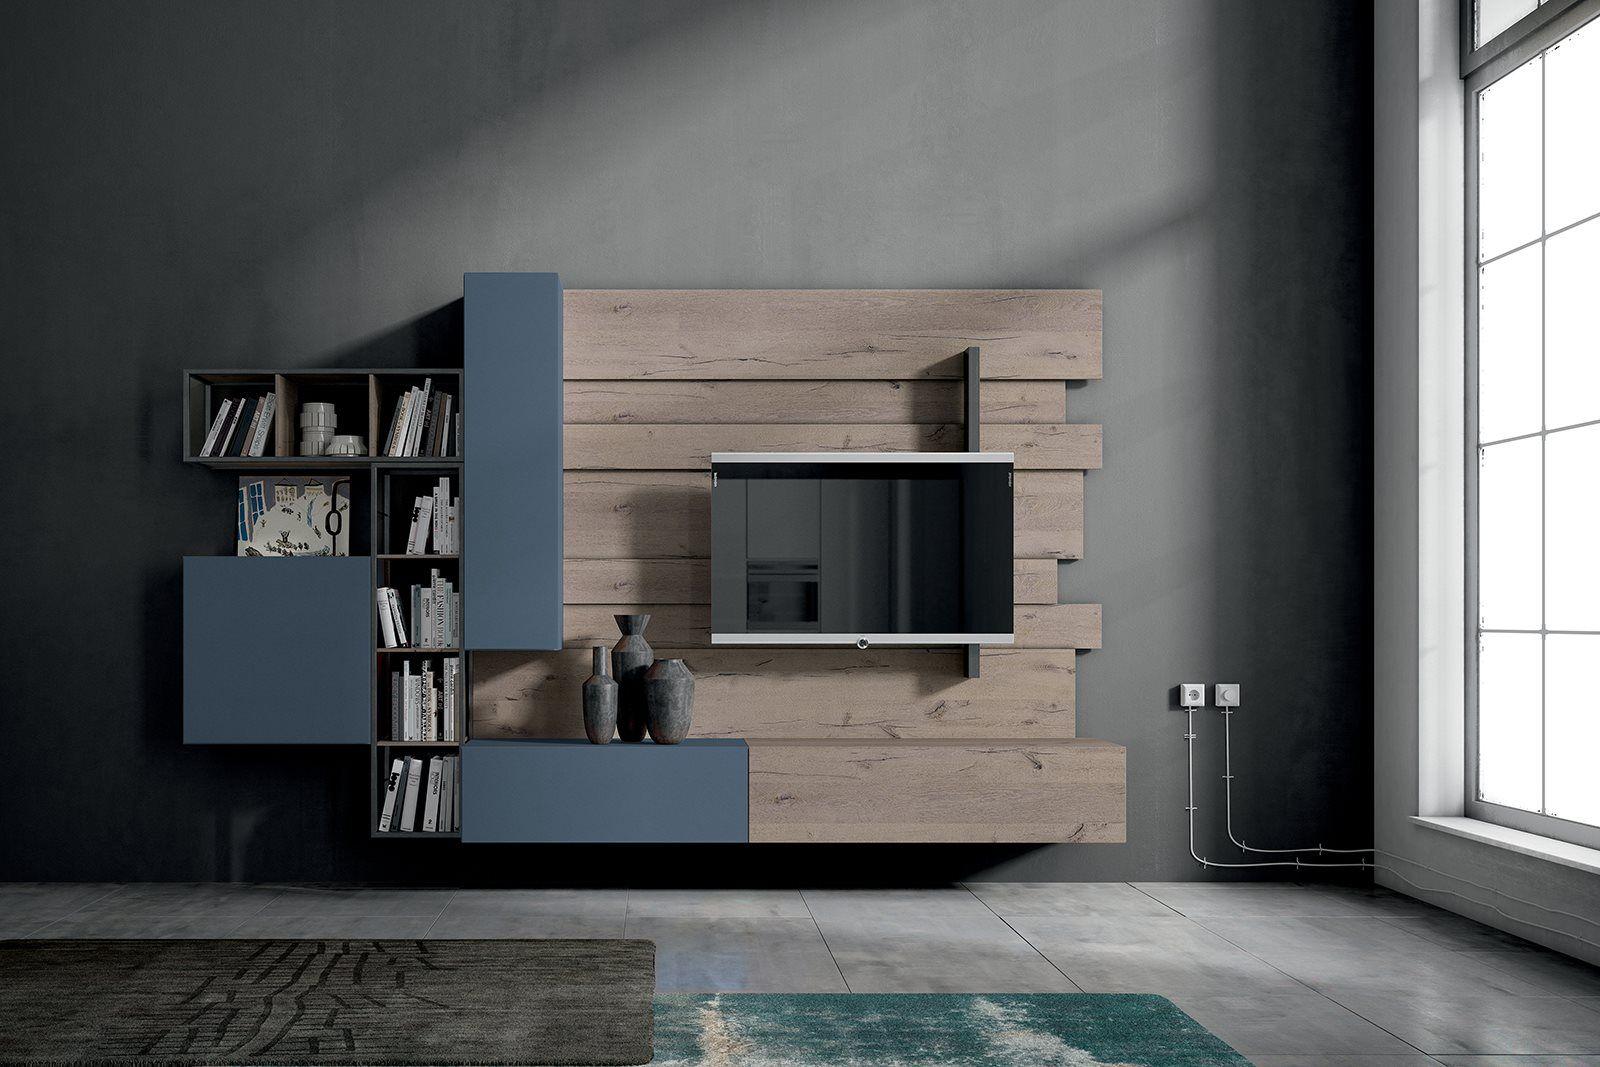 Arredamento industry ~ Fimar mobili le idee non per tutti arredamento industrial style